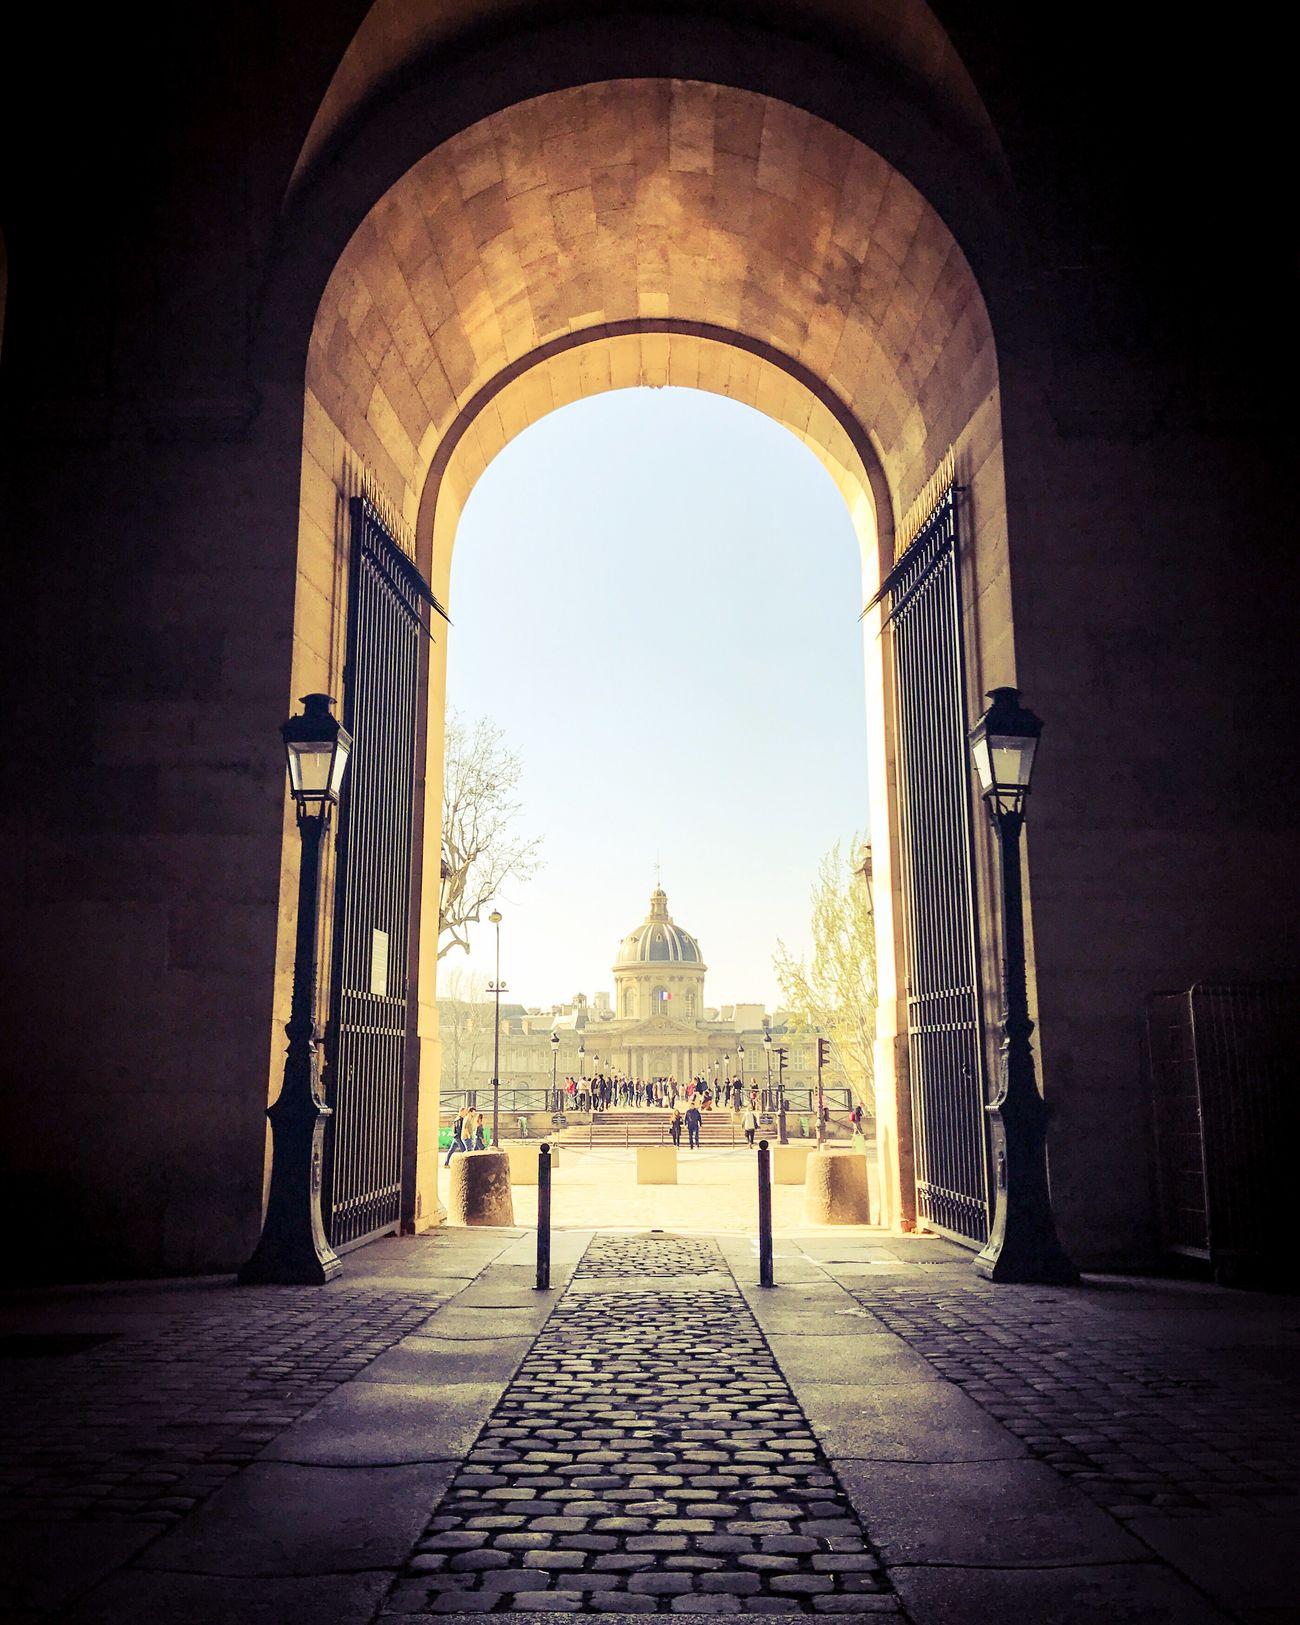 Bonsoir Paris! Good Evening Paris Architecture Paris ❤ Eyem Best Shot - Architecture Photooftheday Paris EyeEm Best Shots Parisweloveyou Musée Du Louvre